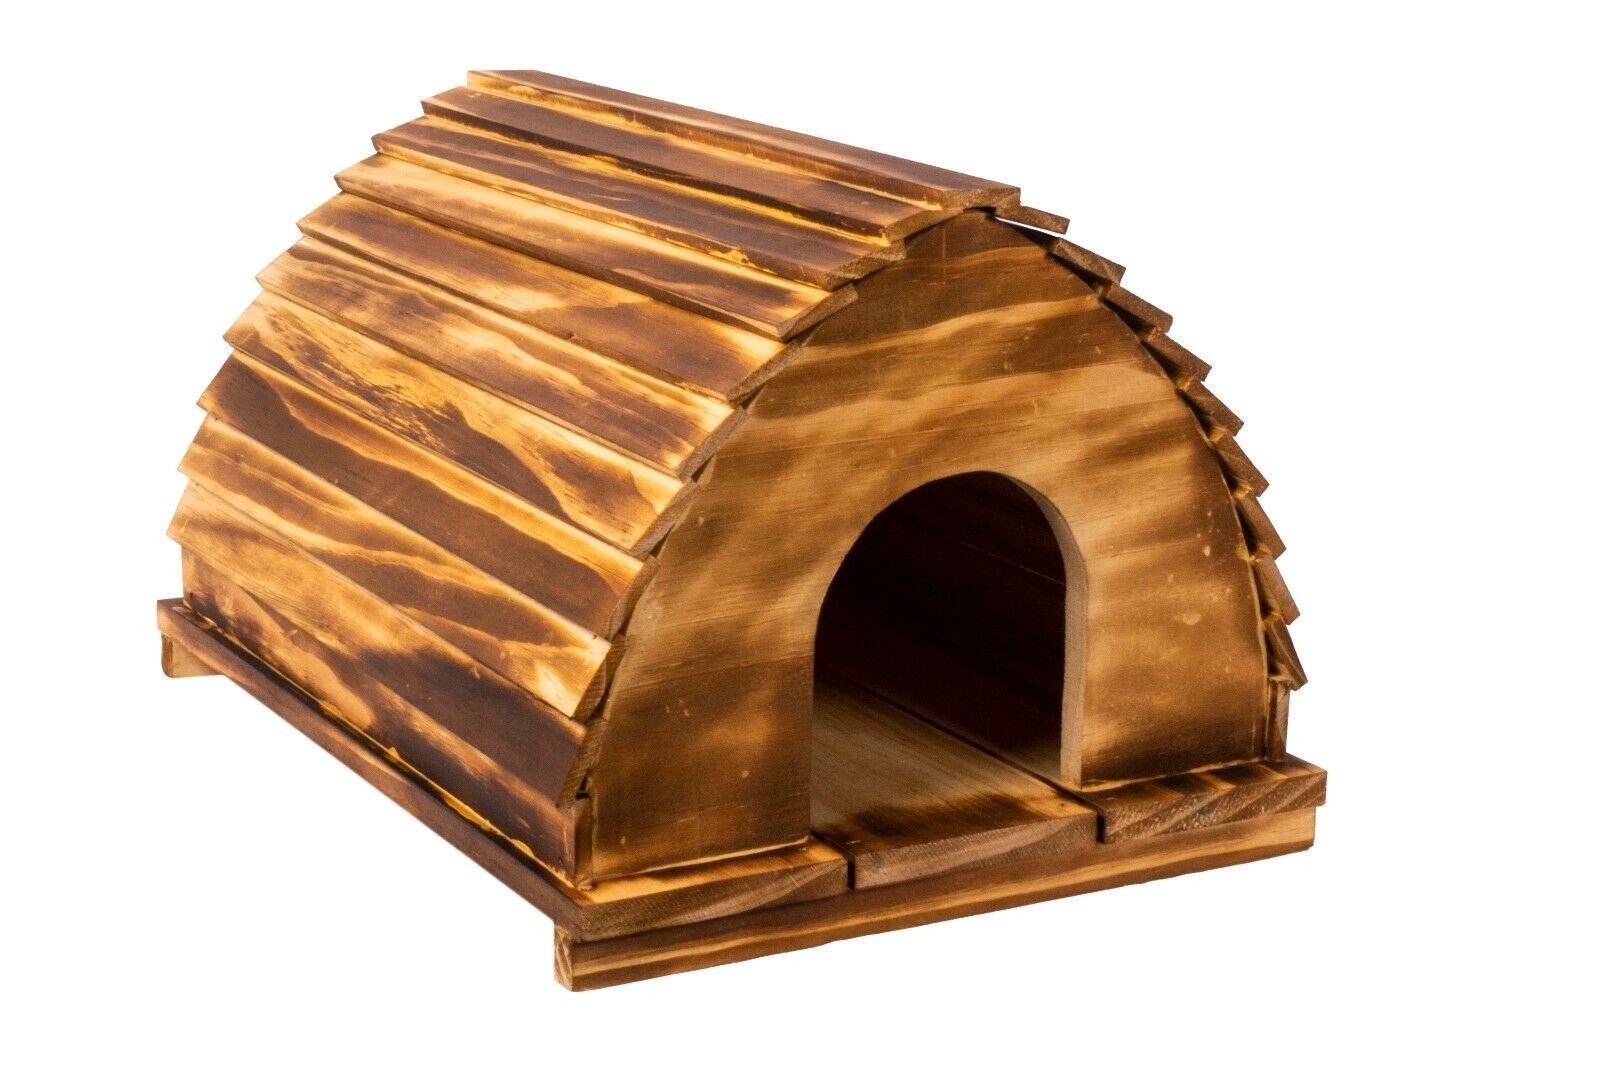 Wooden Hedgehog House Habitat Nesting Hibernation Nesting Home Shelter Box